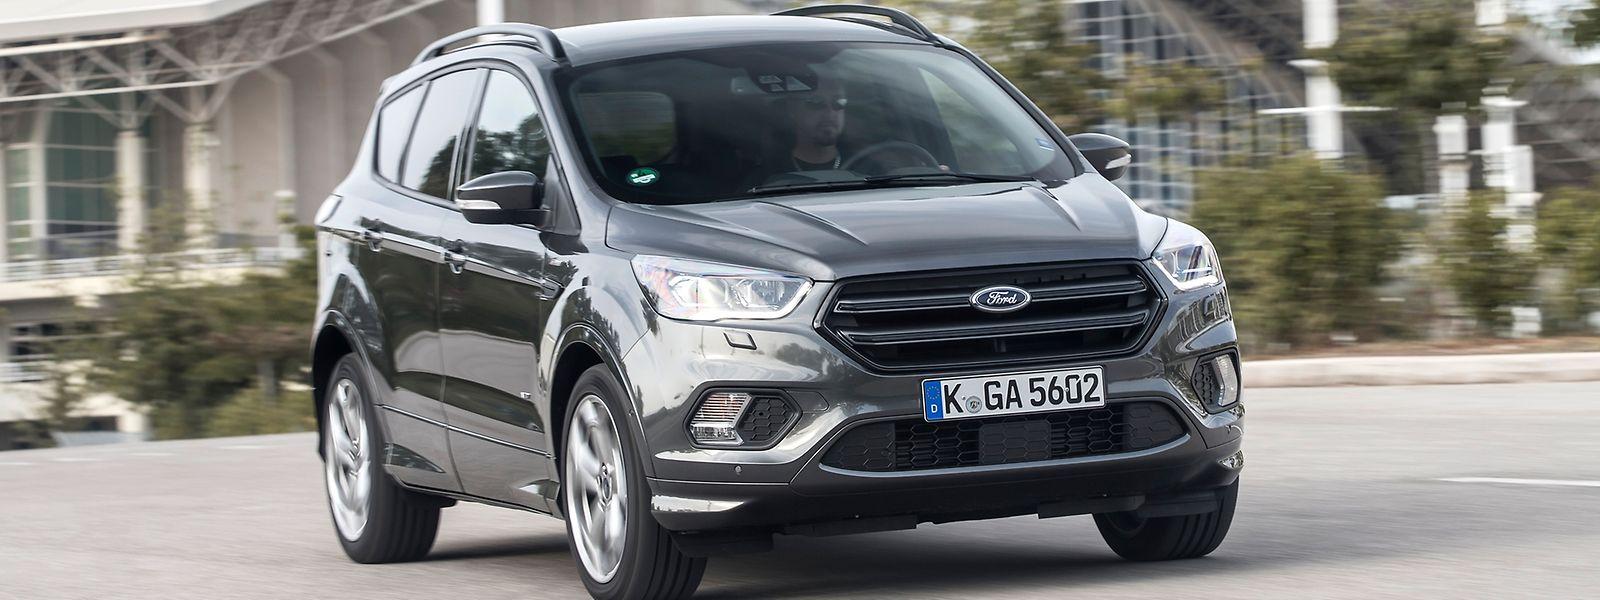 Auch wenn eine Fahrt abseits befestigter Wege kein Problem für den Ford Kuga darstellt, so ist das erneuerte Mittelklasse-SUV dennoch in erster Linie für den Alltag konzipiert worden.